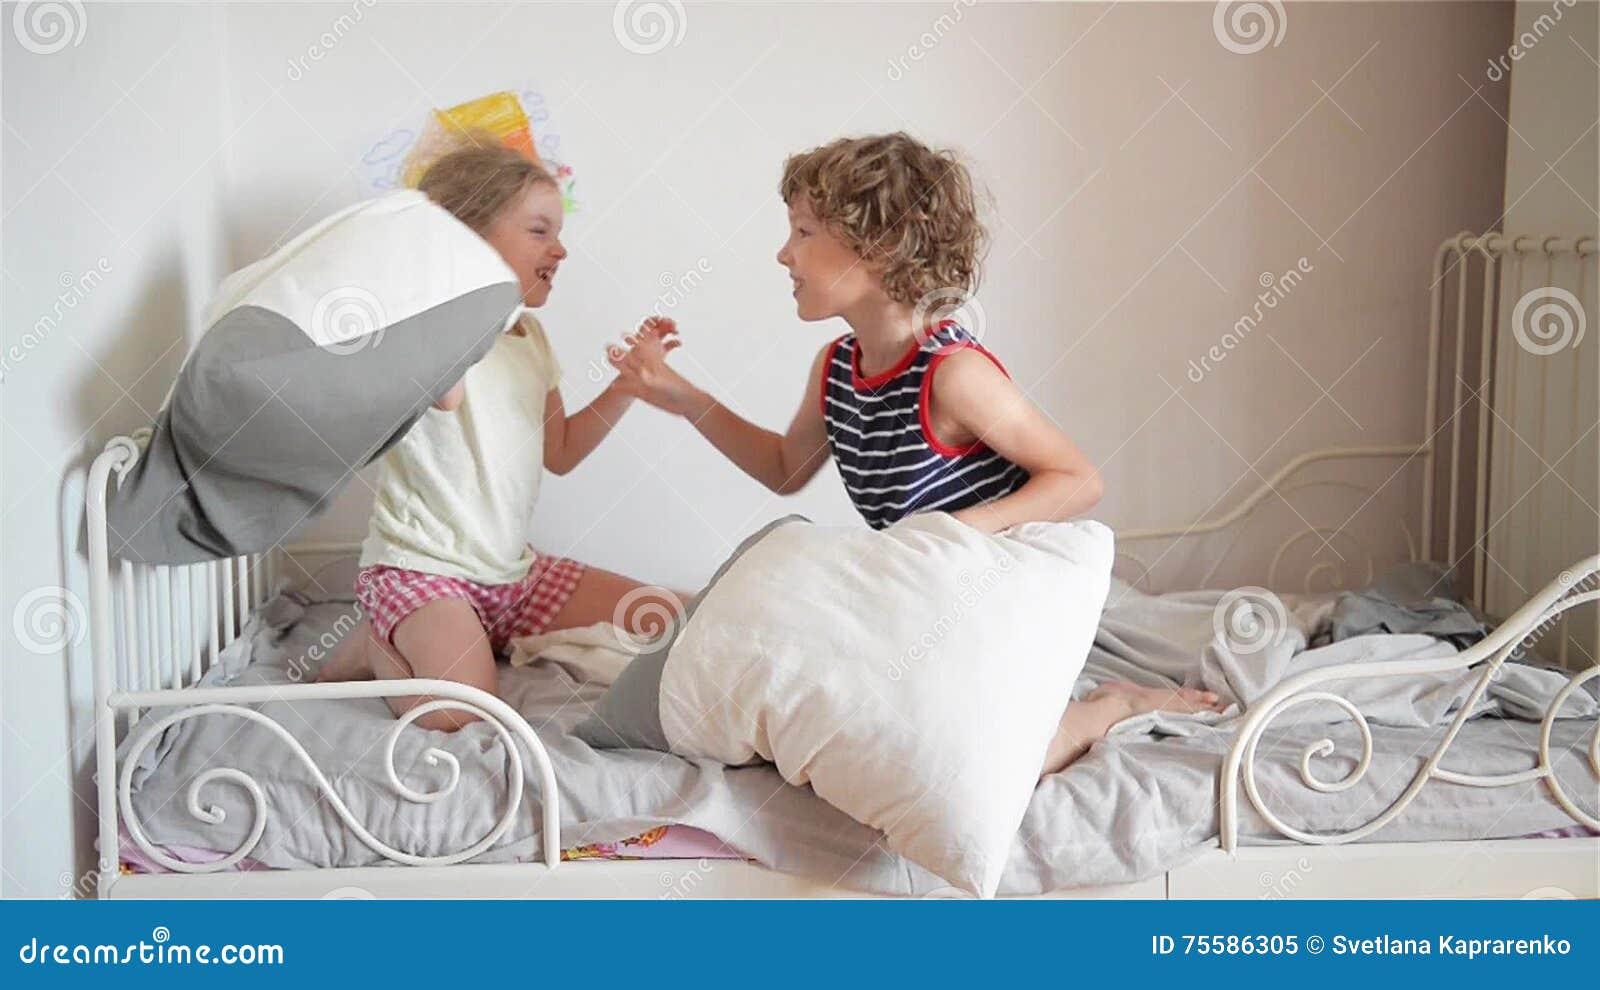 Пьяный брат трахнул пьяную сестру, Смотреть поимел спящую сестру дественицу онлайн 19 фотография